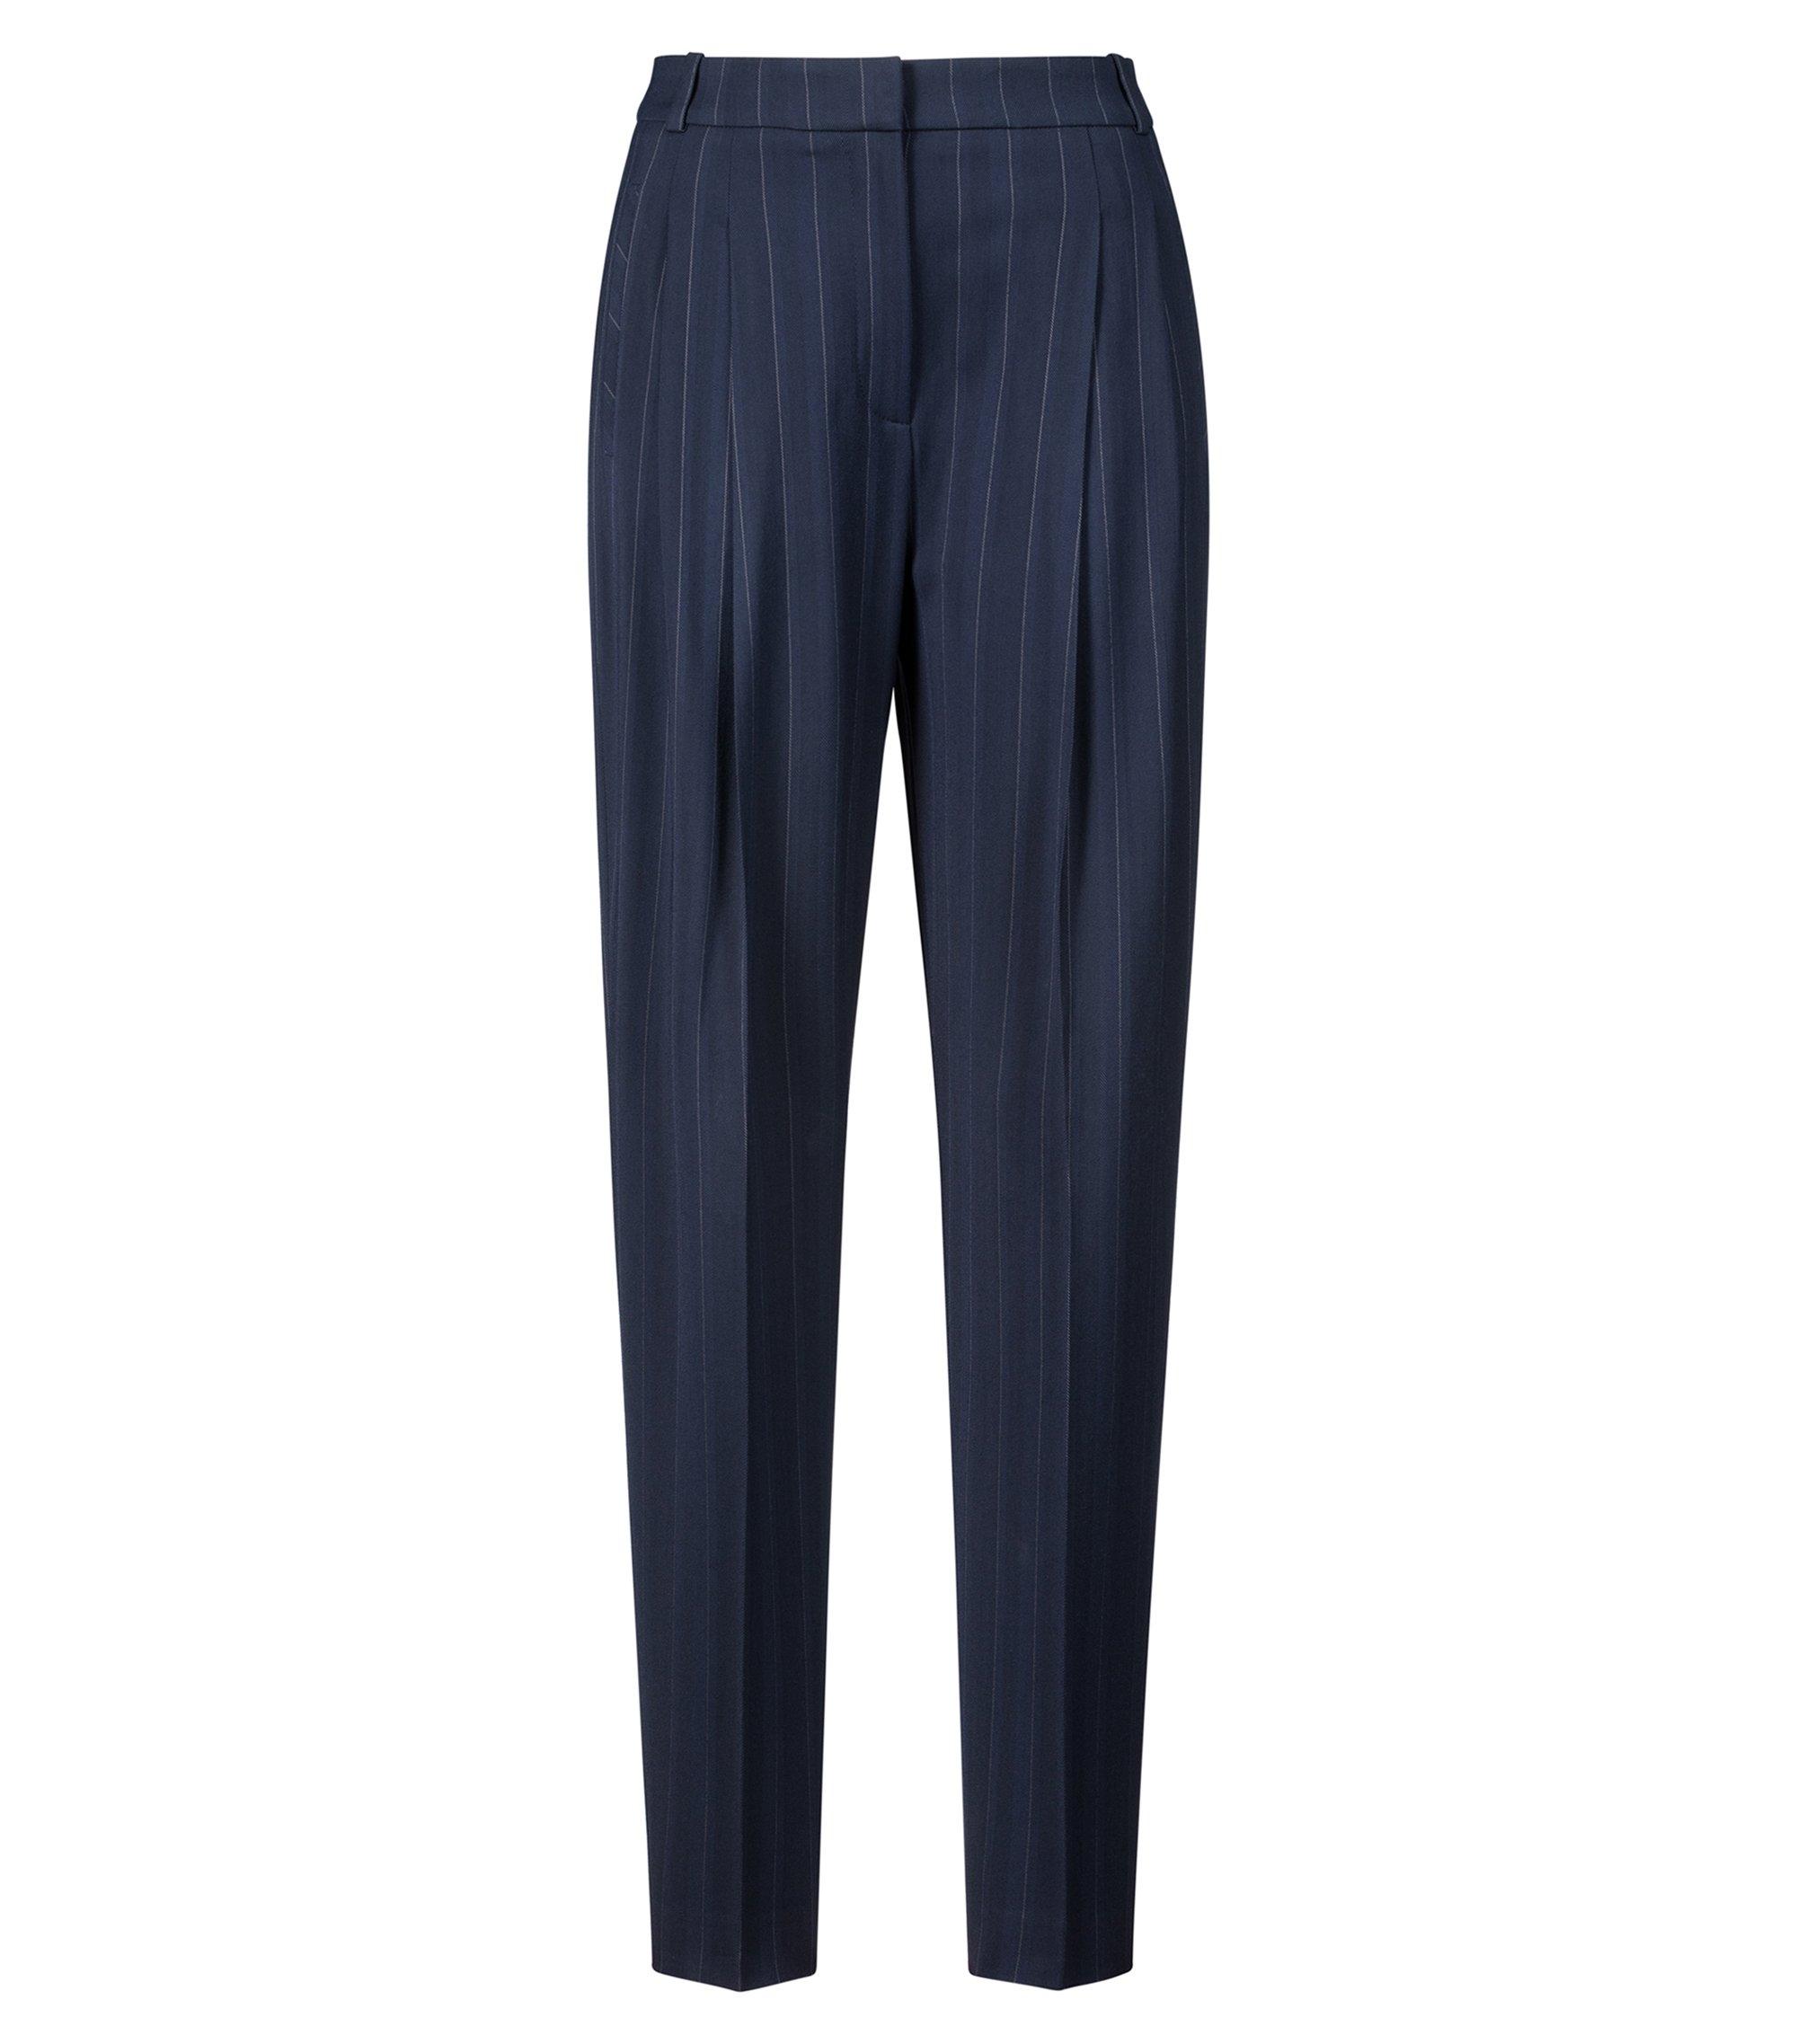 Pantalones de pinzas tapered fit en tejido elástico con raya diplomática, Azul oscuro